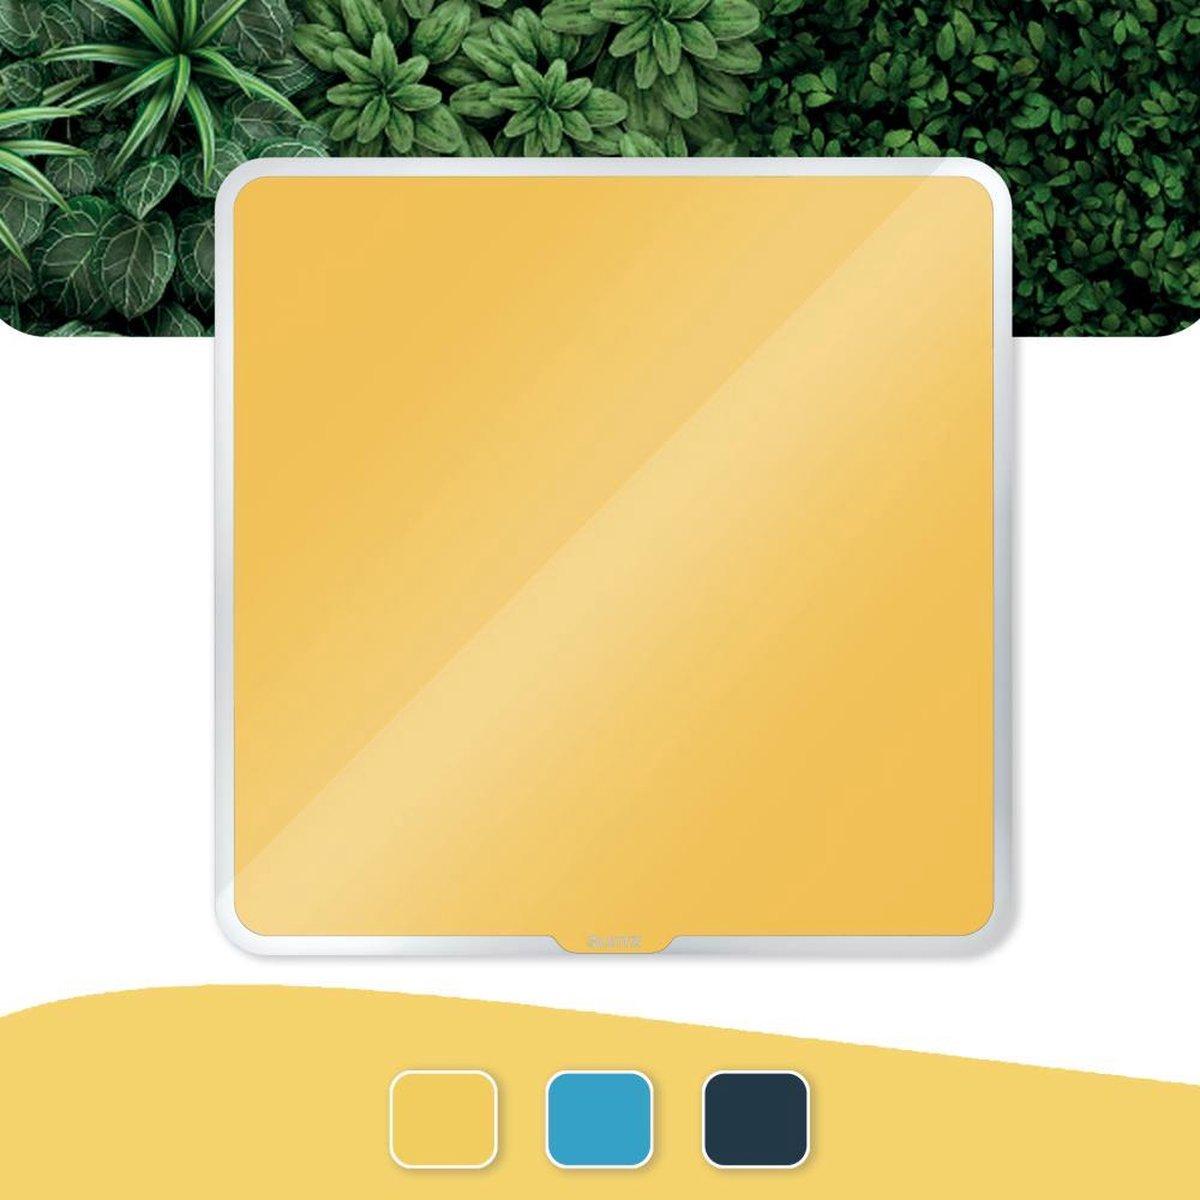 Leitz Cosy Glazen, Magnetisch Whiteboard Montageset - Glassboard Inclusief Microvezeldoek, Uitwisbare Marker Met Wisser - 450x450mm - Warm Geel